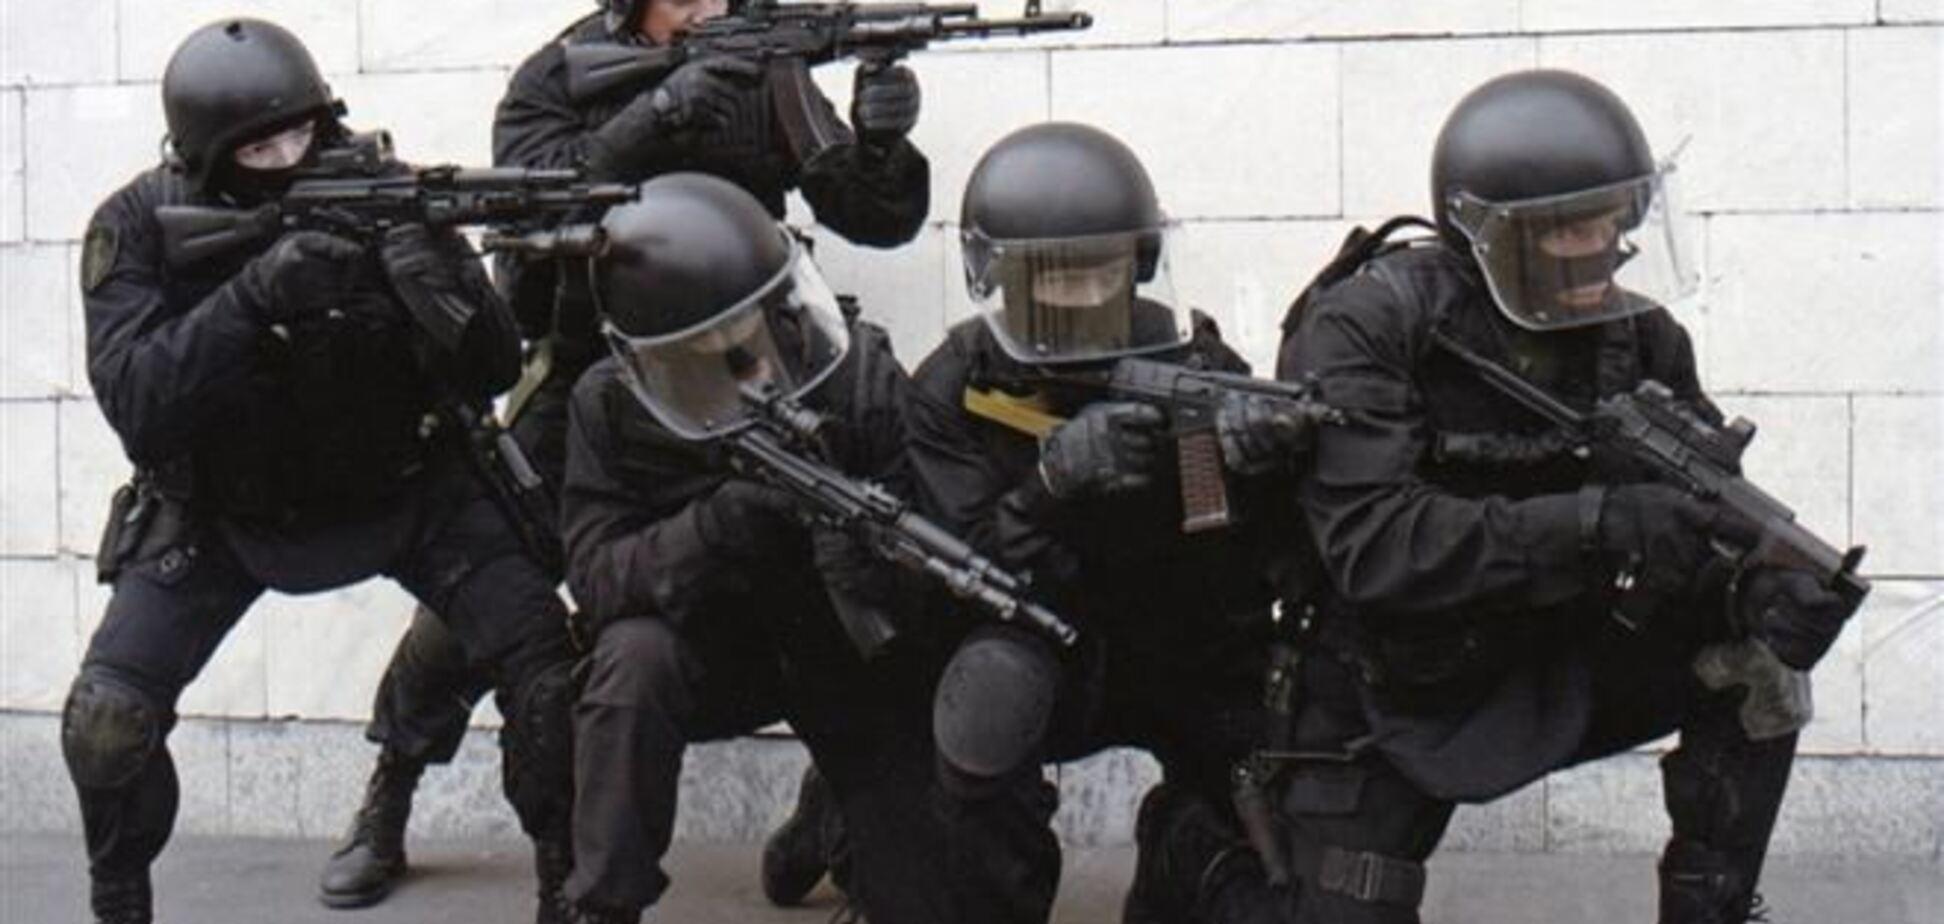 Контрразведка: спецслужбы РФ планируют убить 200 украинцев, чтобы ввести войска